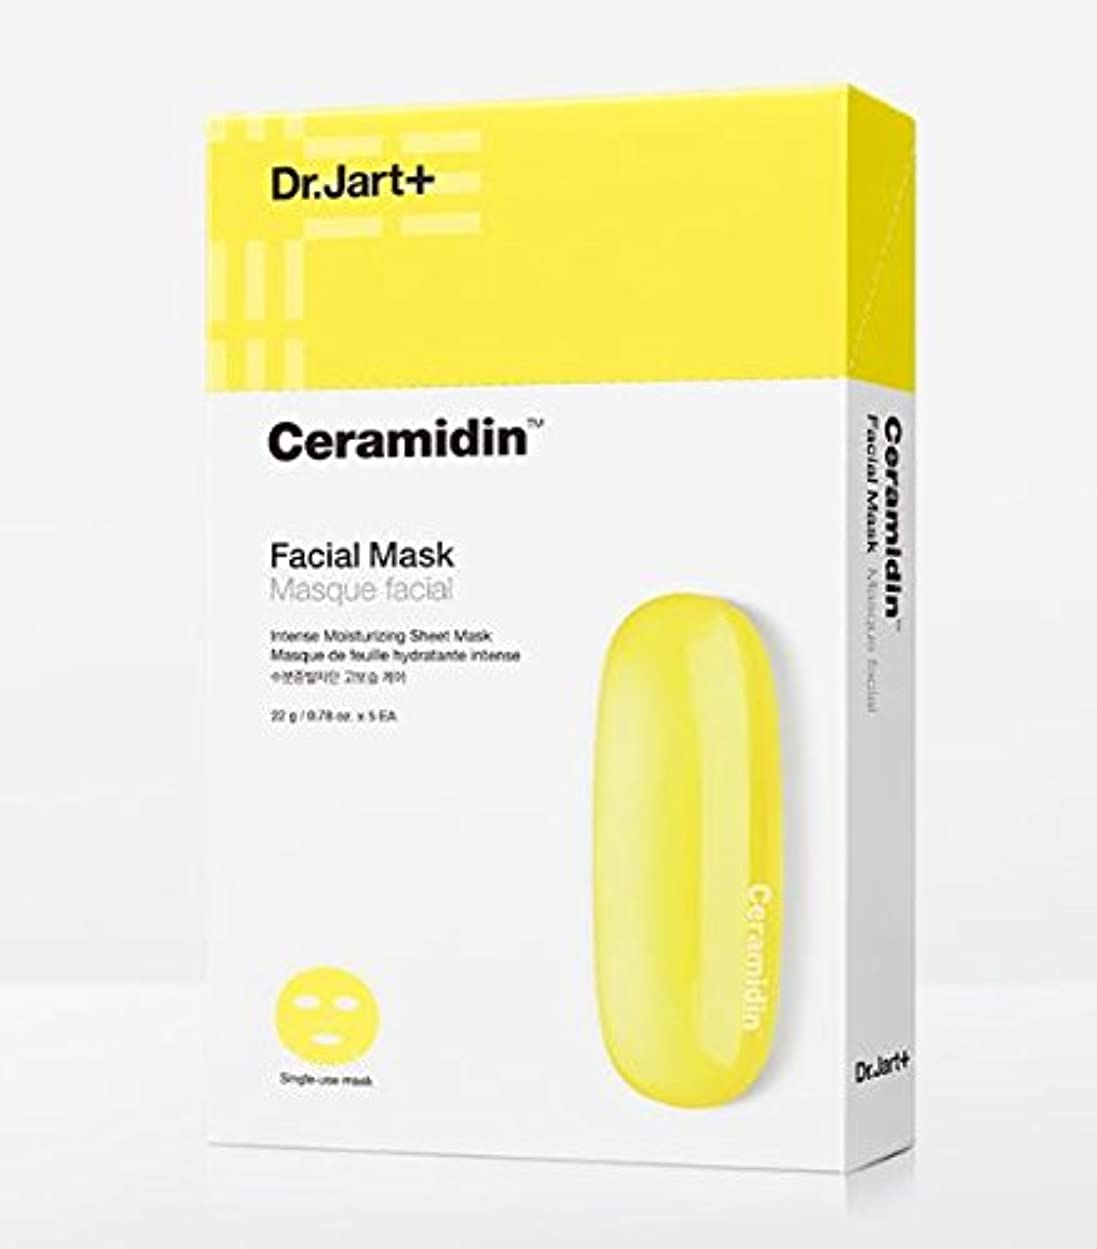 こっそりビジョン絶対に[韓国コスメ Dr.Jart+] Ceramidin Mask ドクタージャルト セラマイディンマスク(10枚) [並行輸入品]